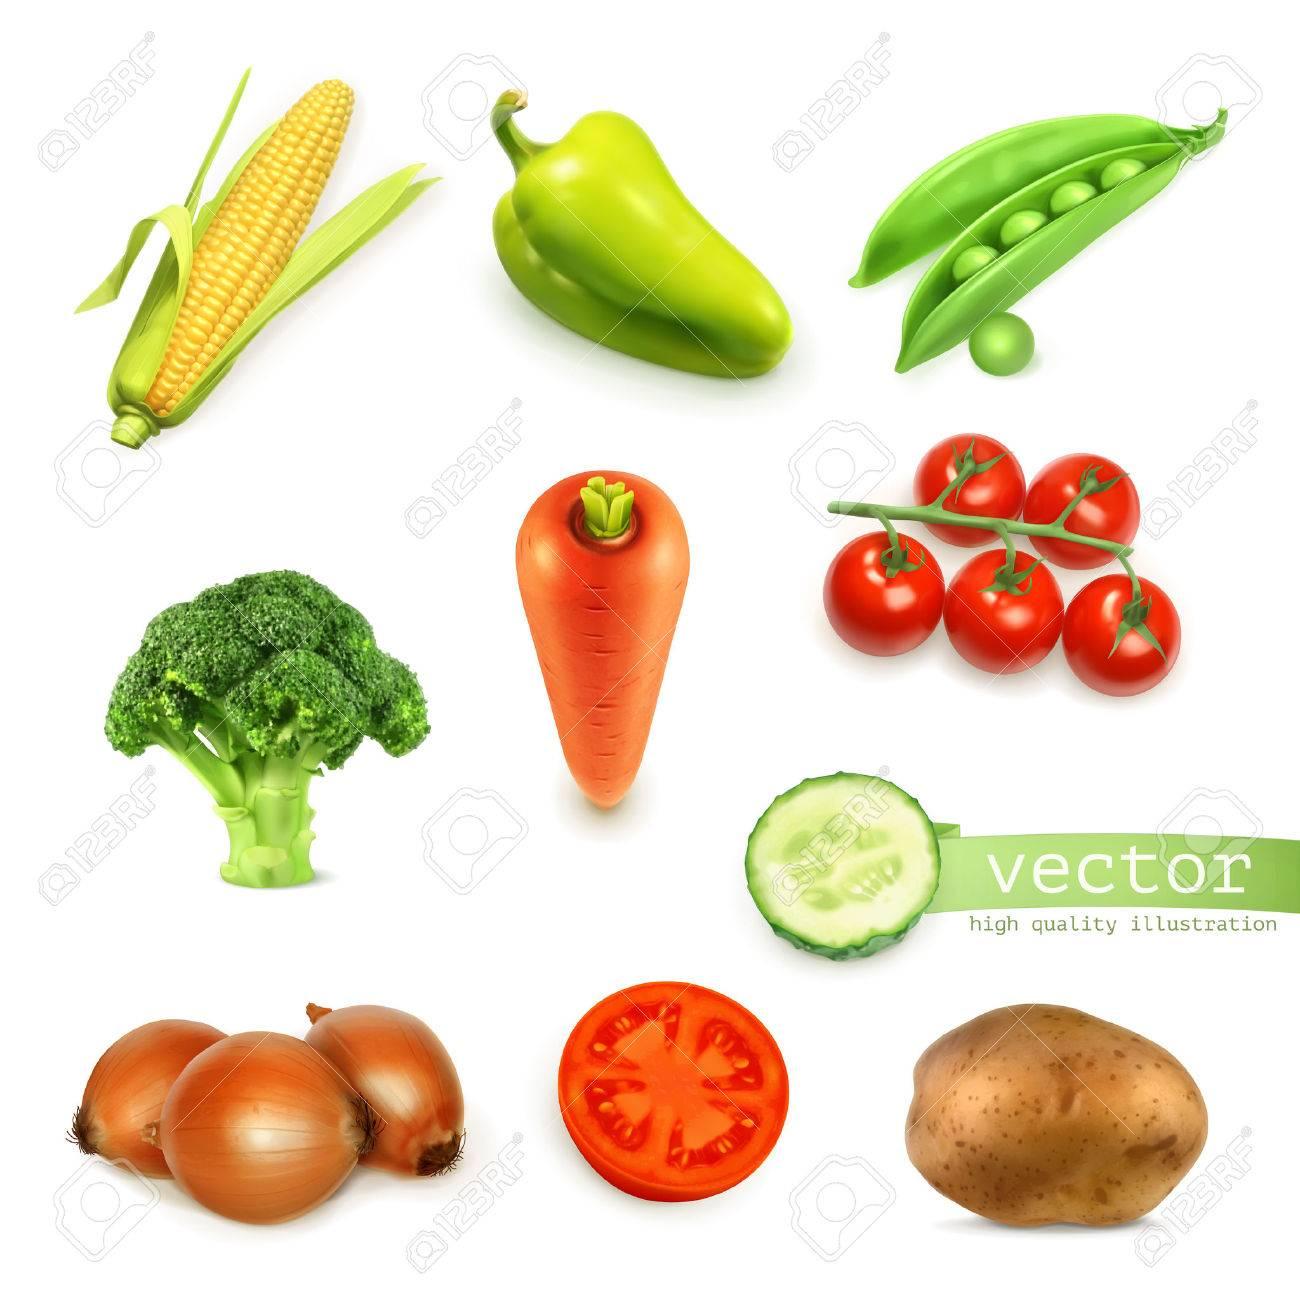 Set of vegetables, vector illustration - 32543707